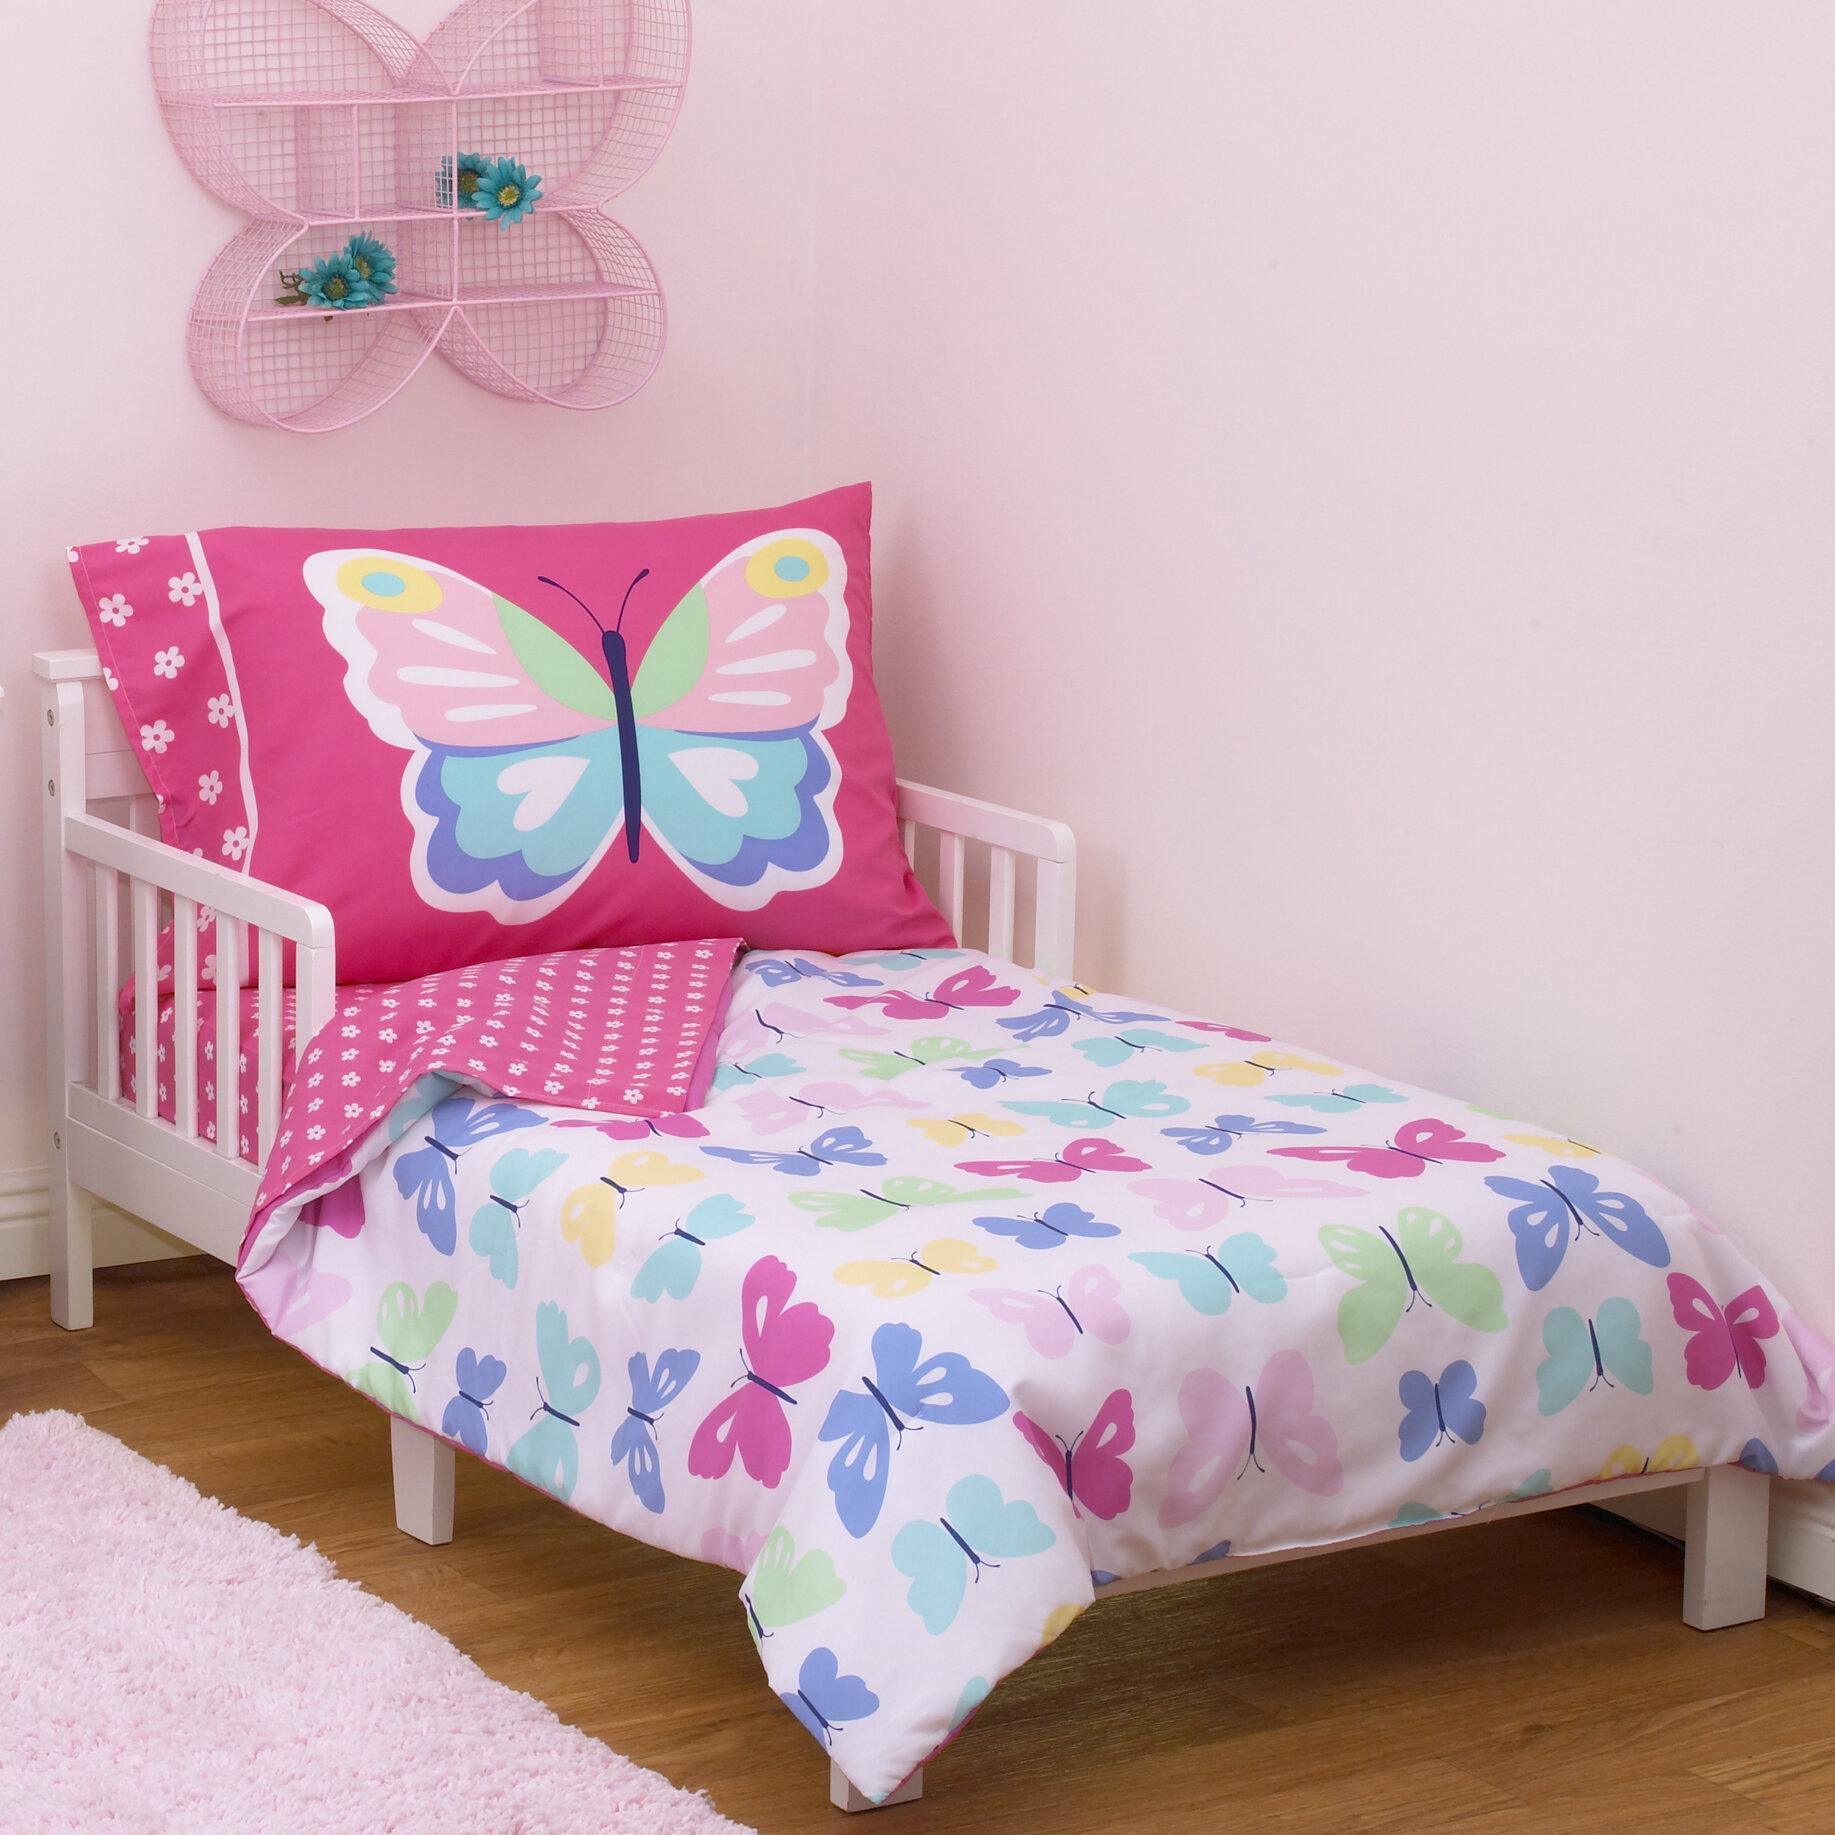 carters butterflies 4 piece toddler bedding set reviews wayfair - Toddler Bedding Set